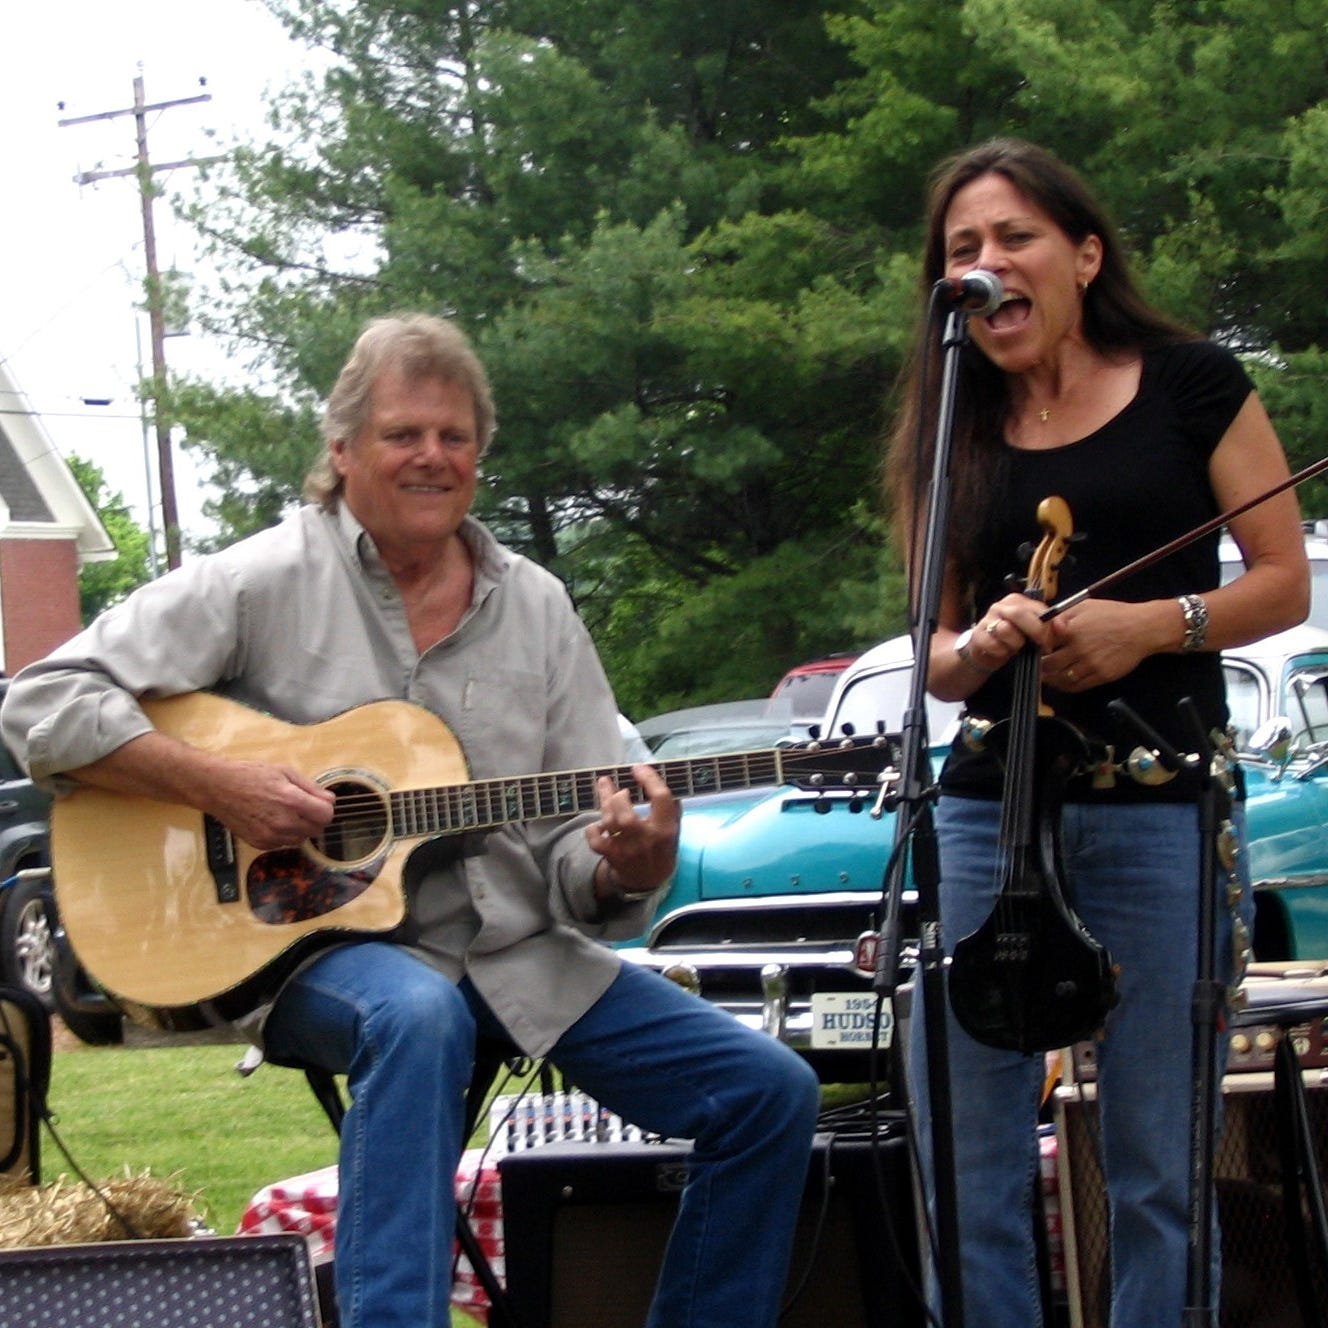 Reggie Young: Fans, musicians mourn legendary guitarist's death